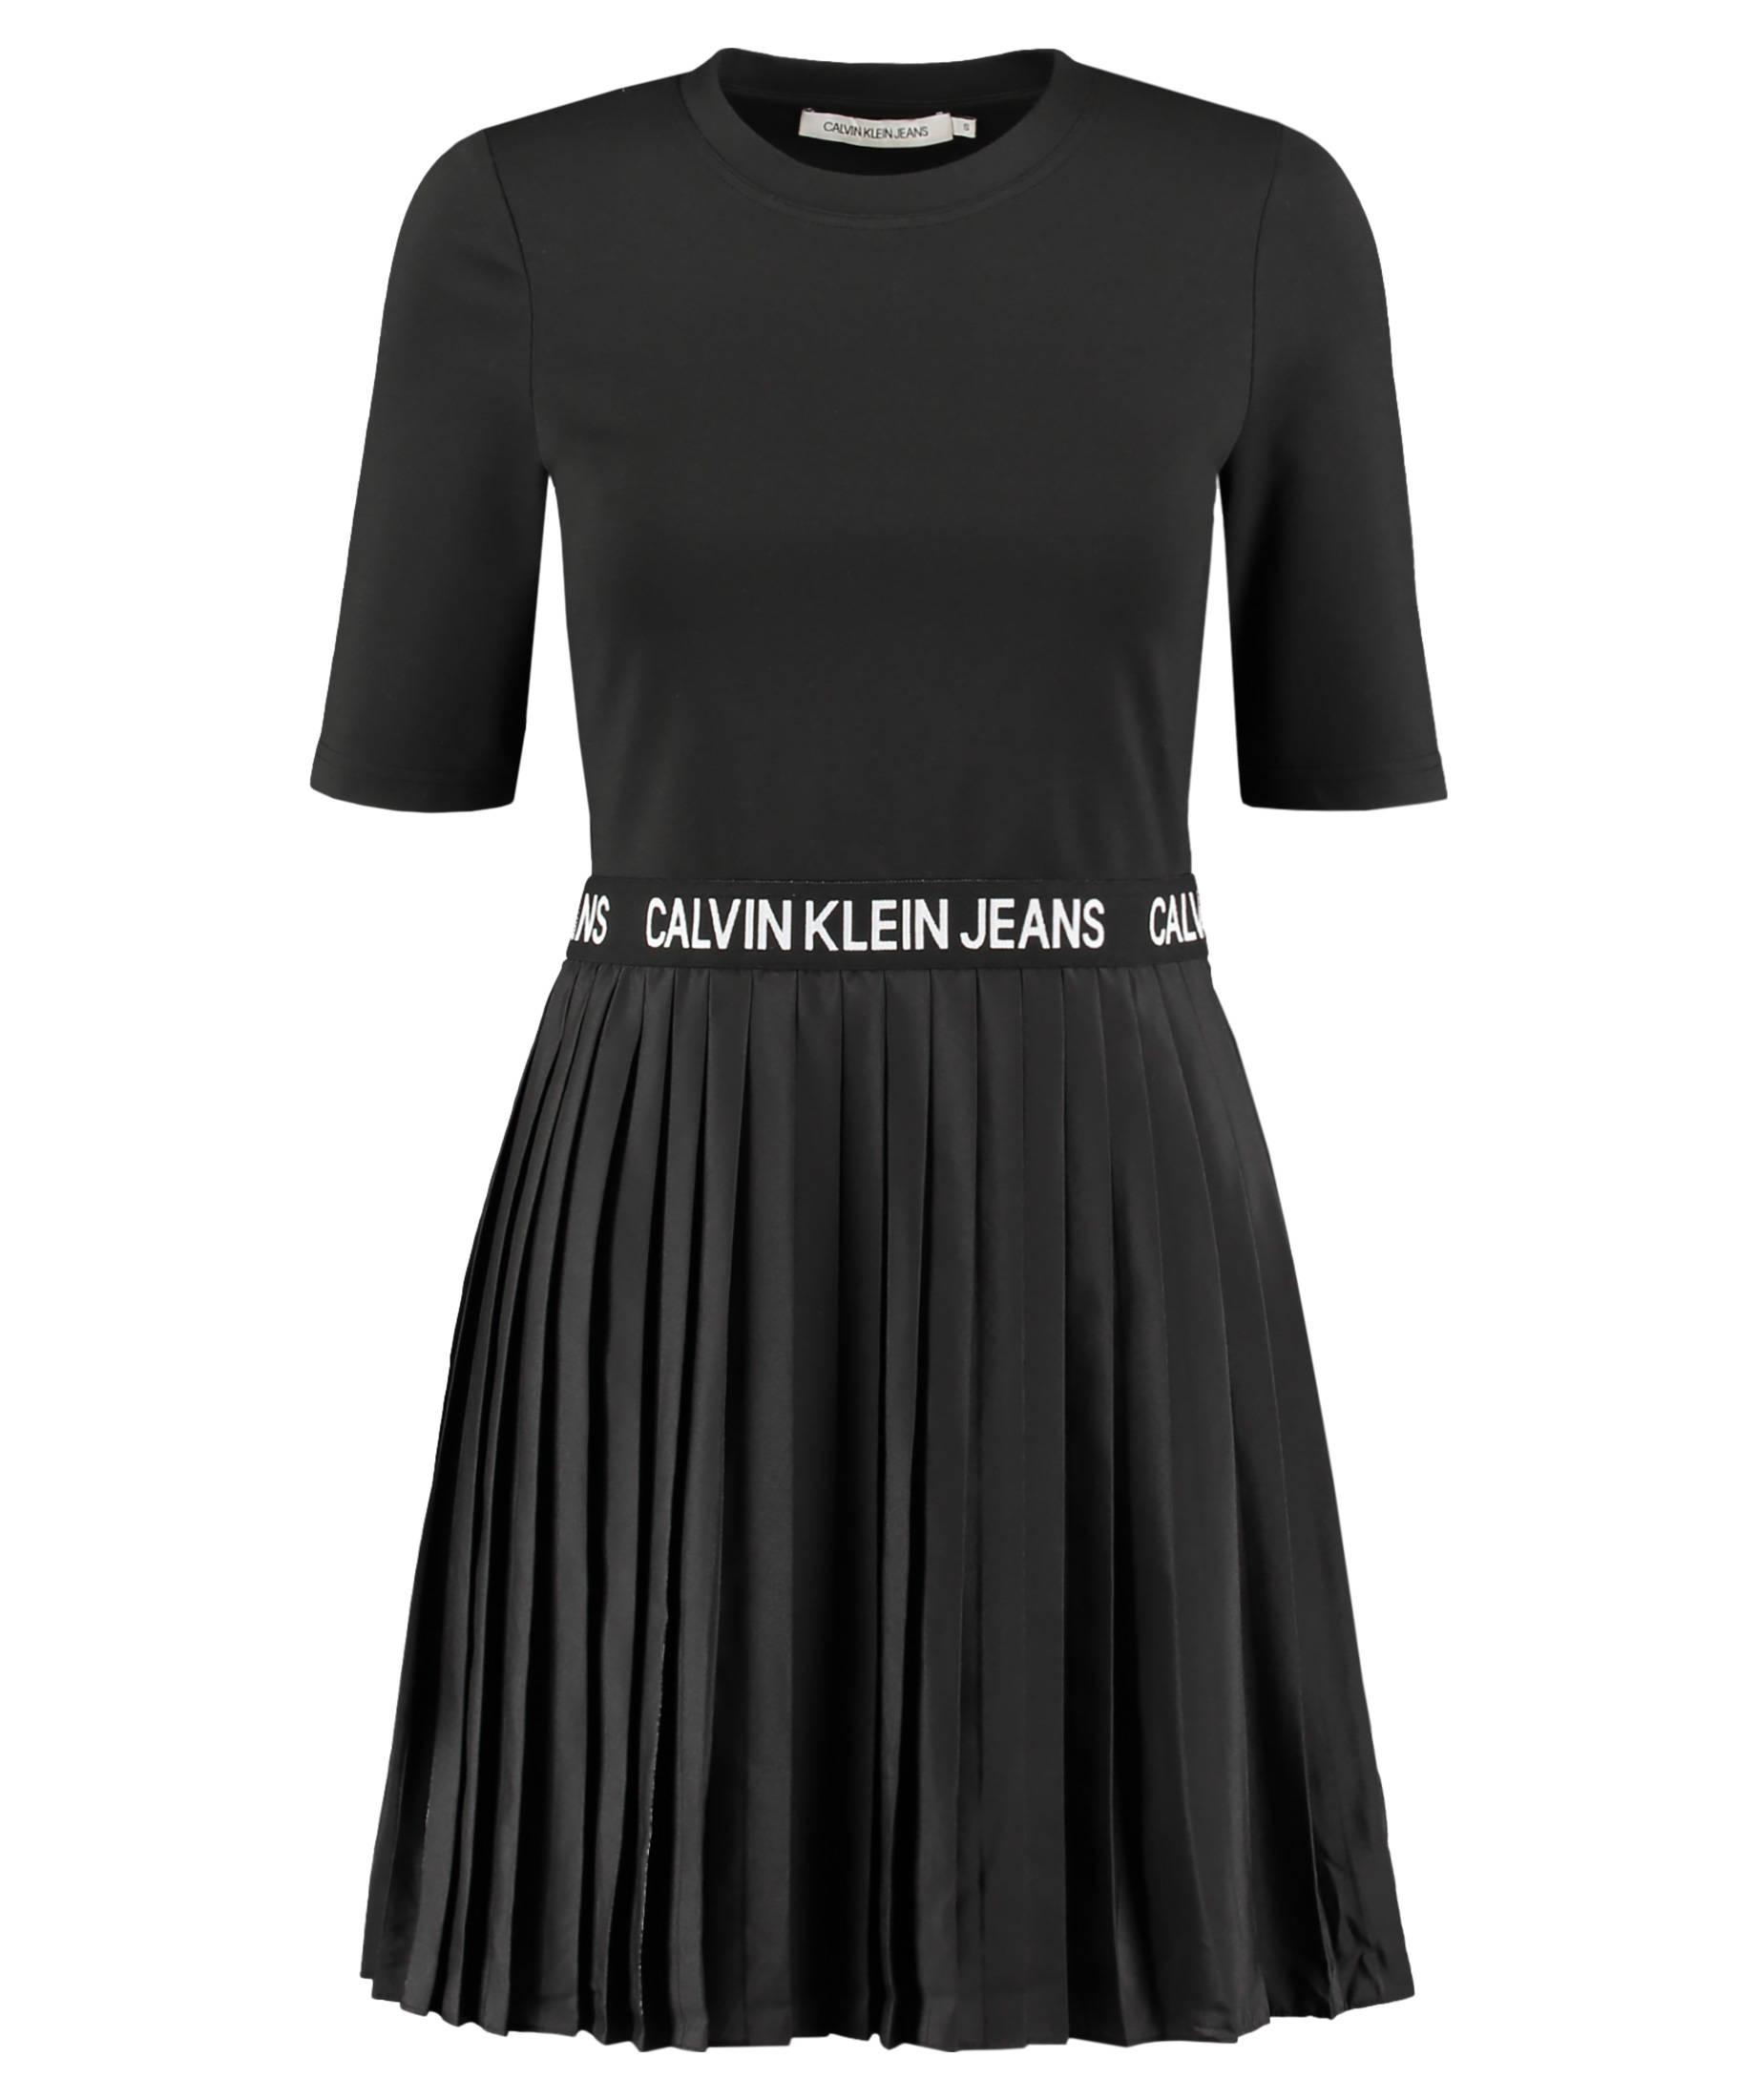 CALVIN KLEIN JEANS Damen Kleid   engelhorn